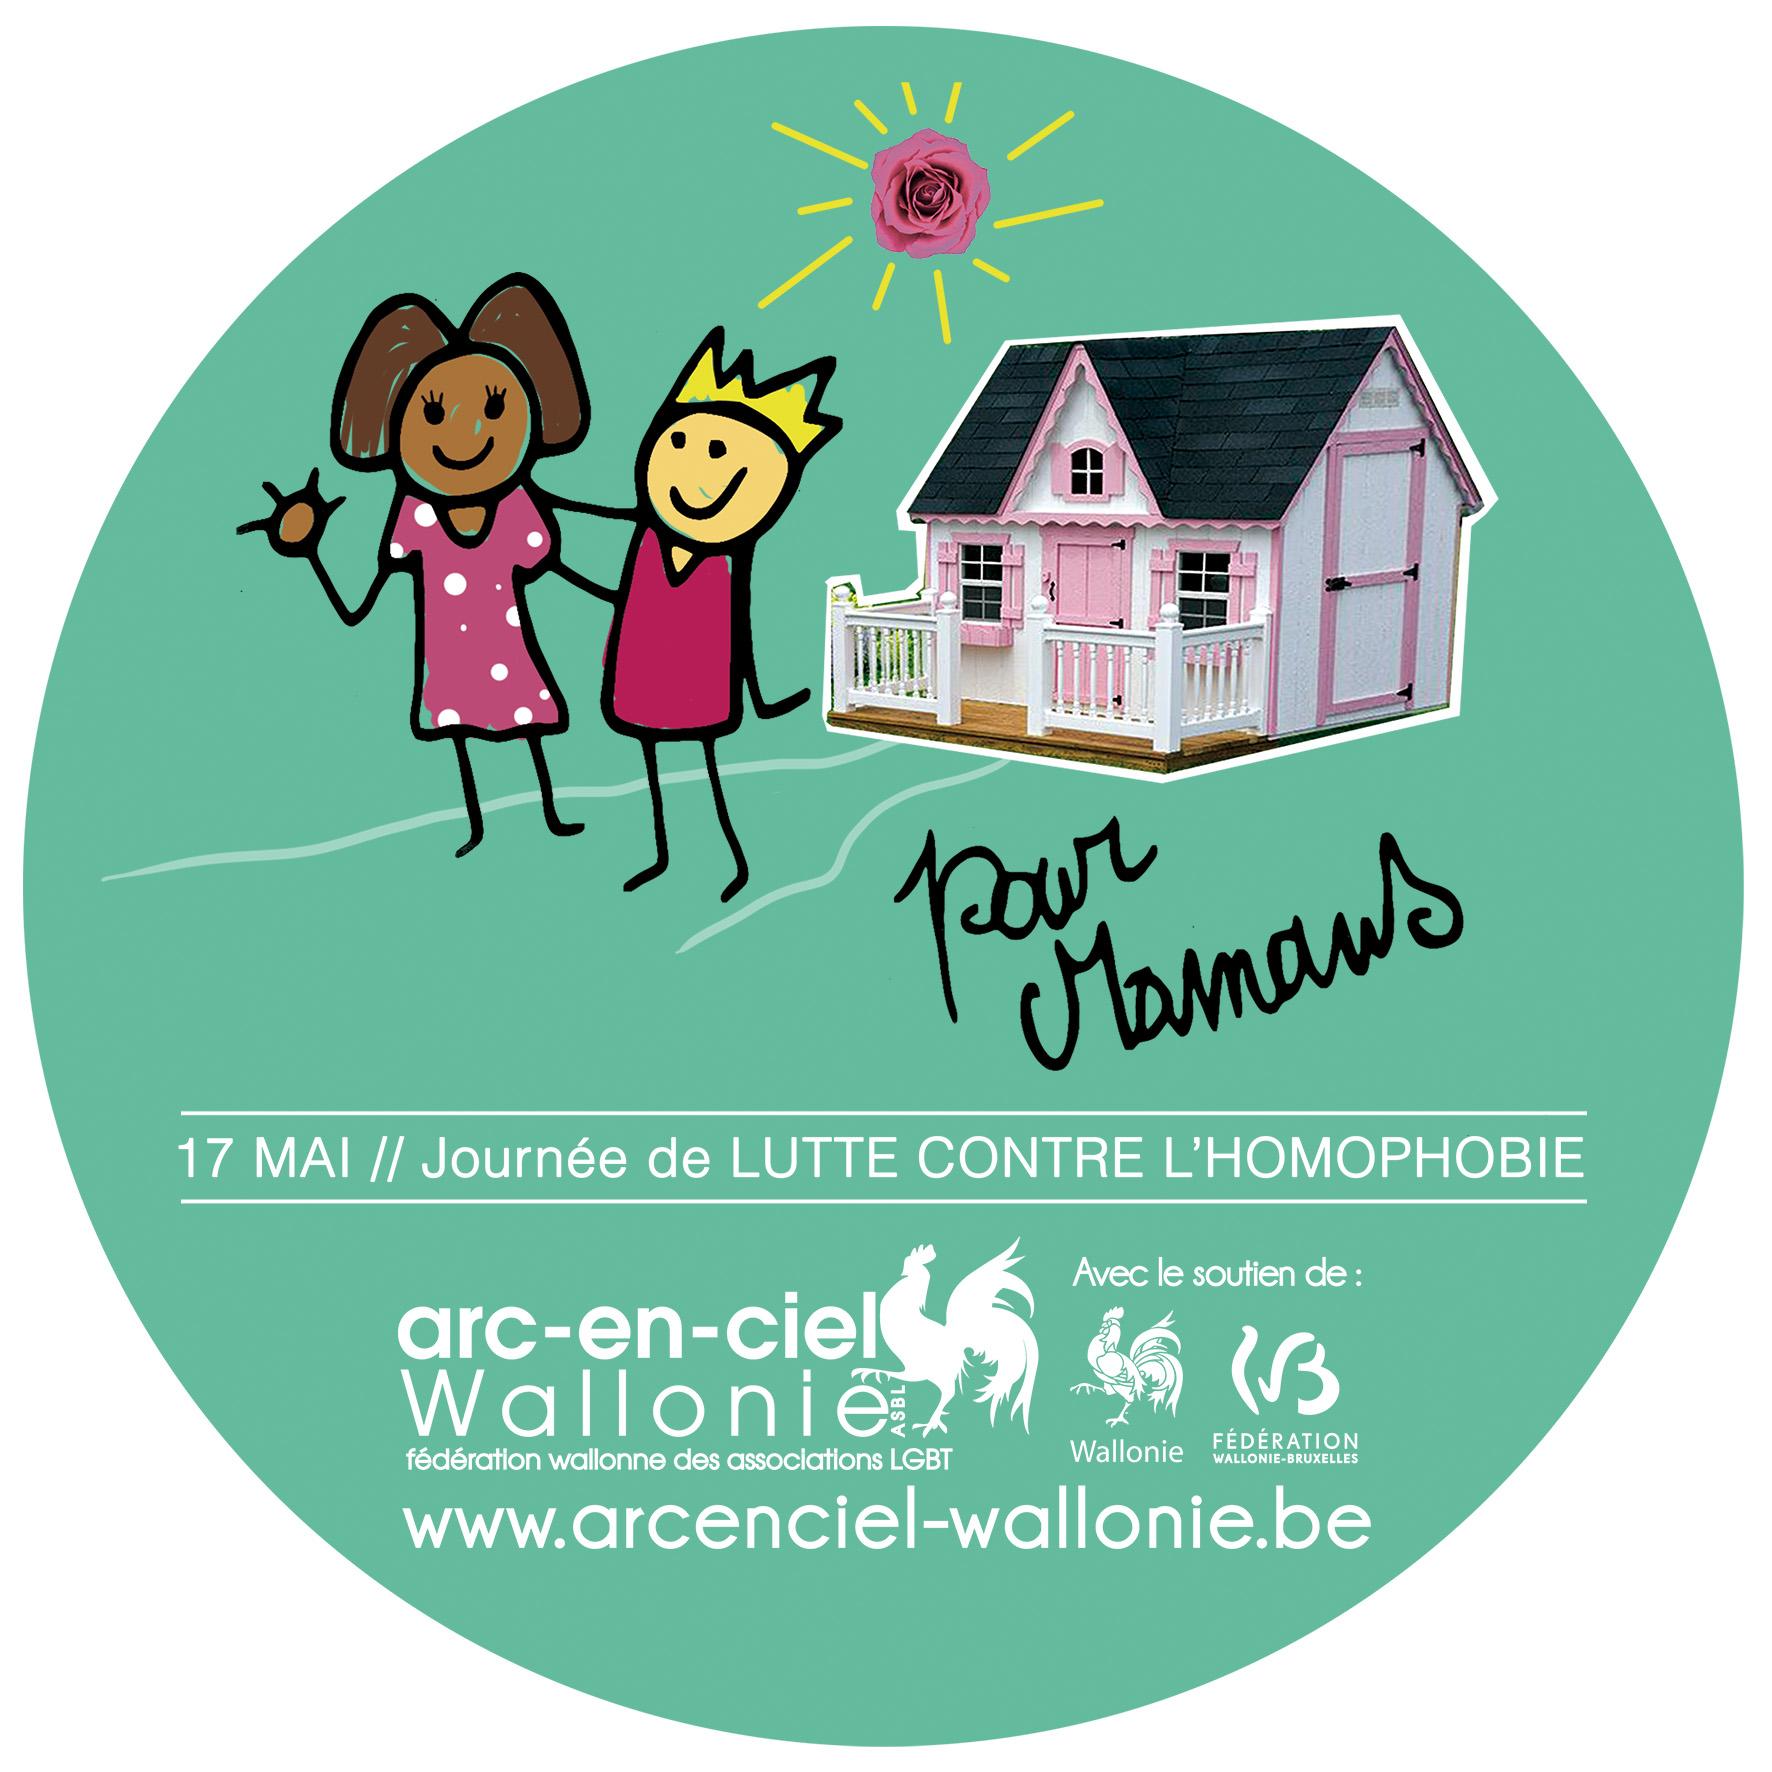 POURMAMANS-Campagne-ARC-EN-CIEL-AngiePir